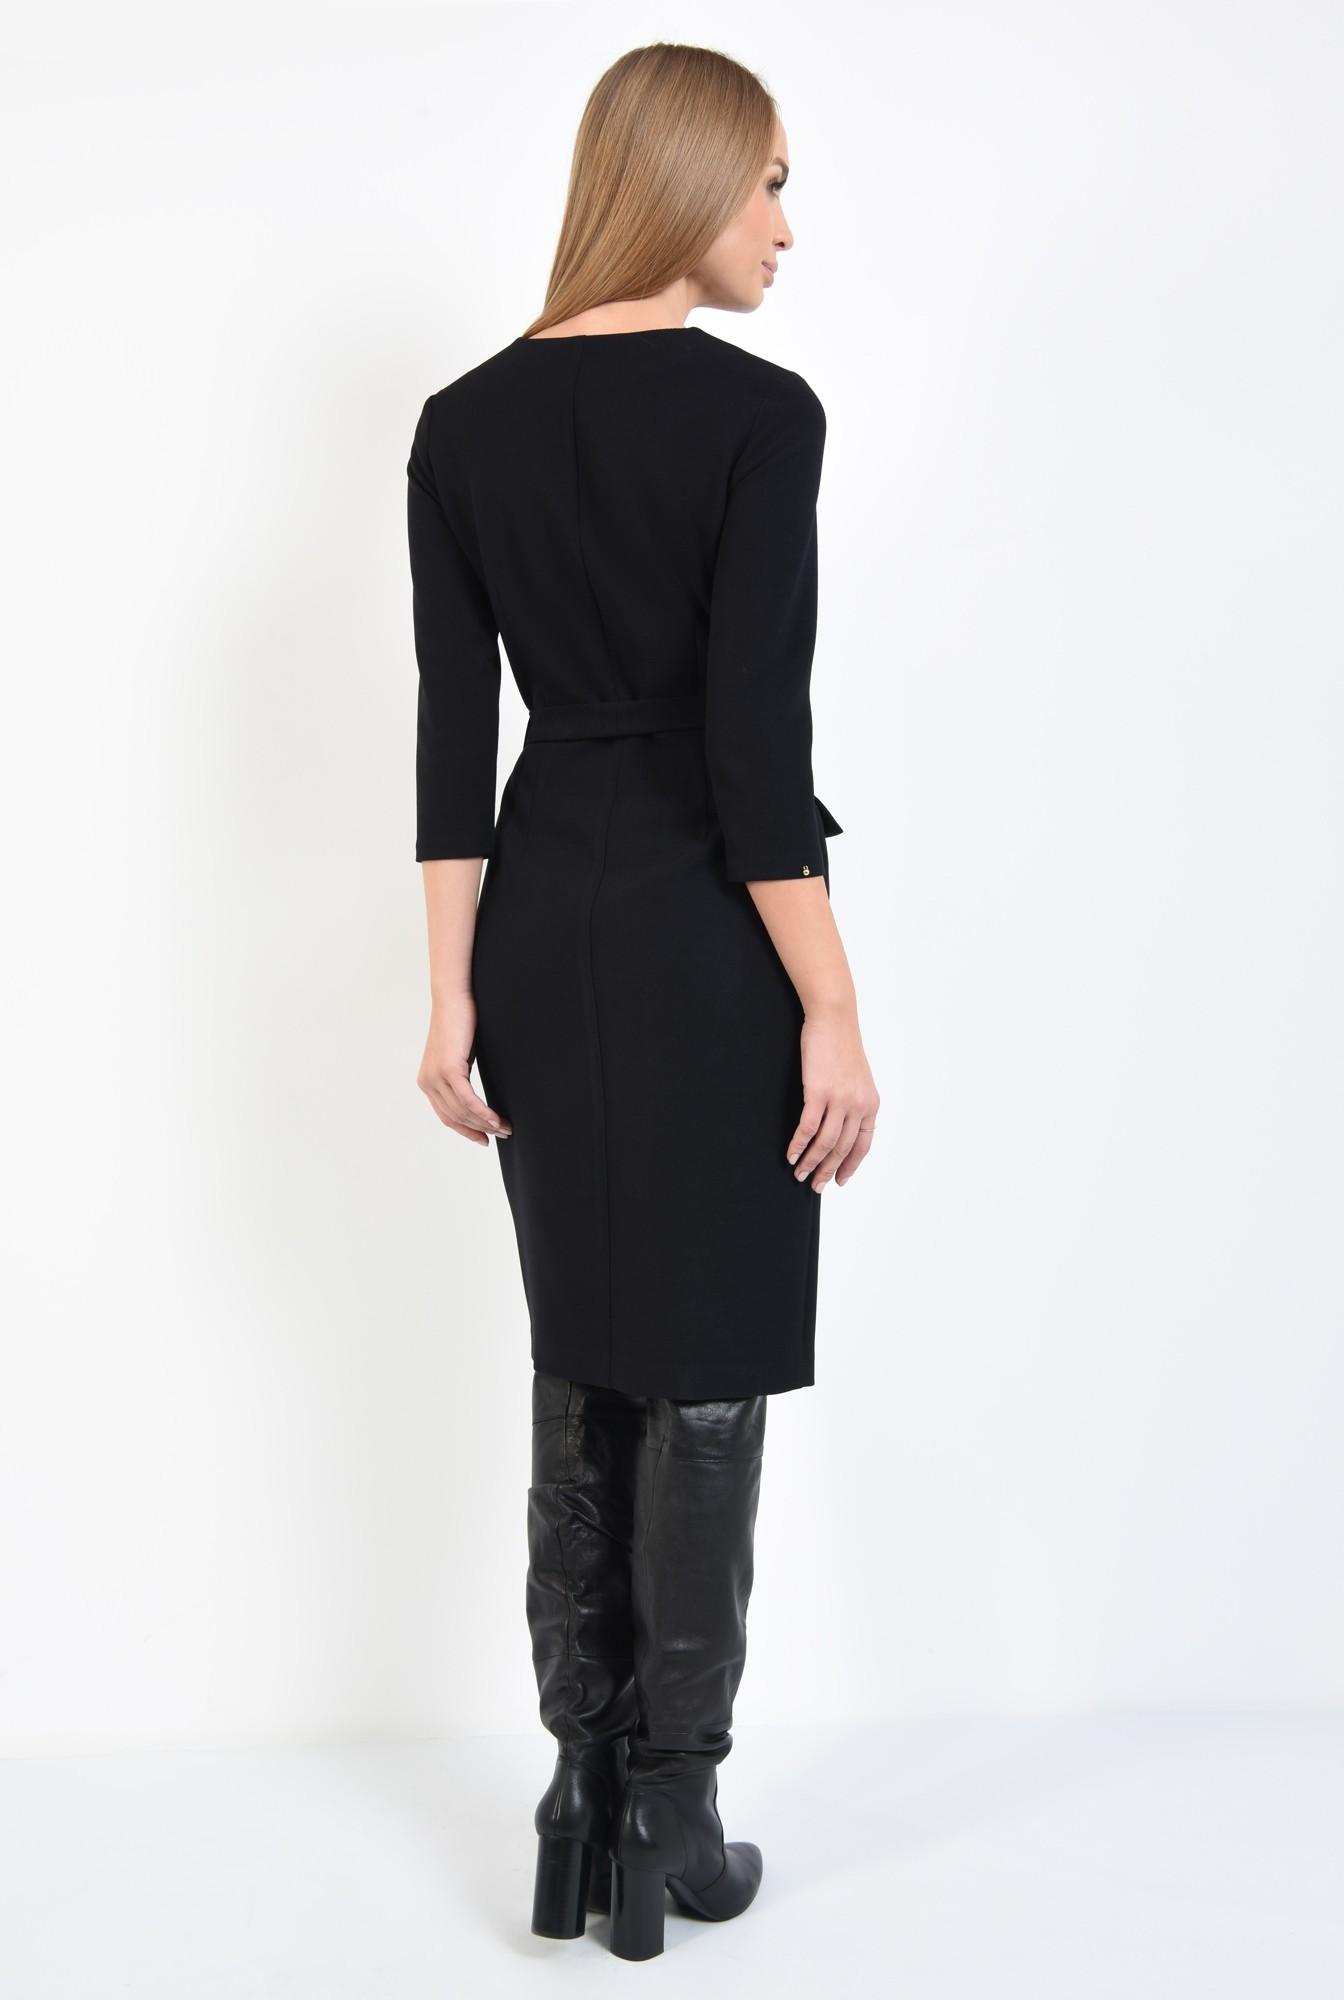 1 - rochie cambrata, de toamna, neagra, cu nasturi, cu cordon